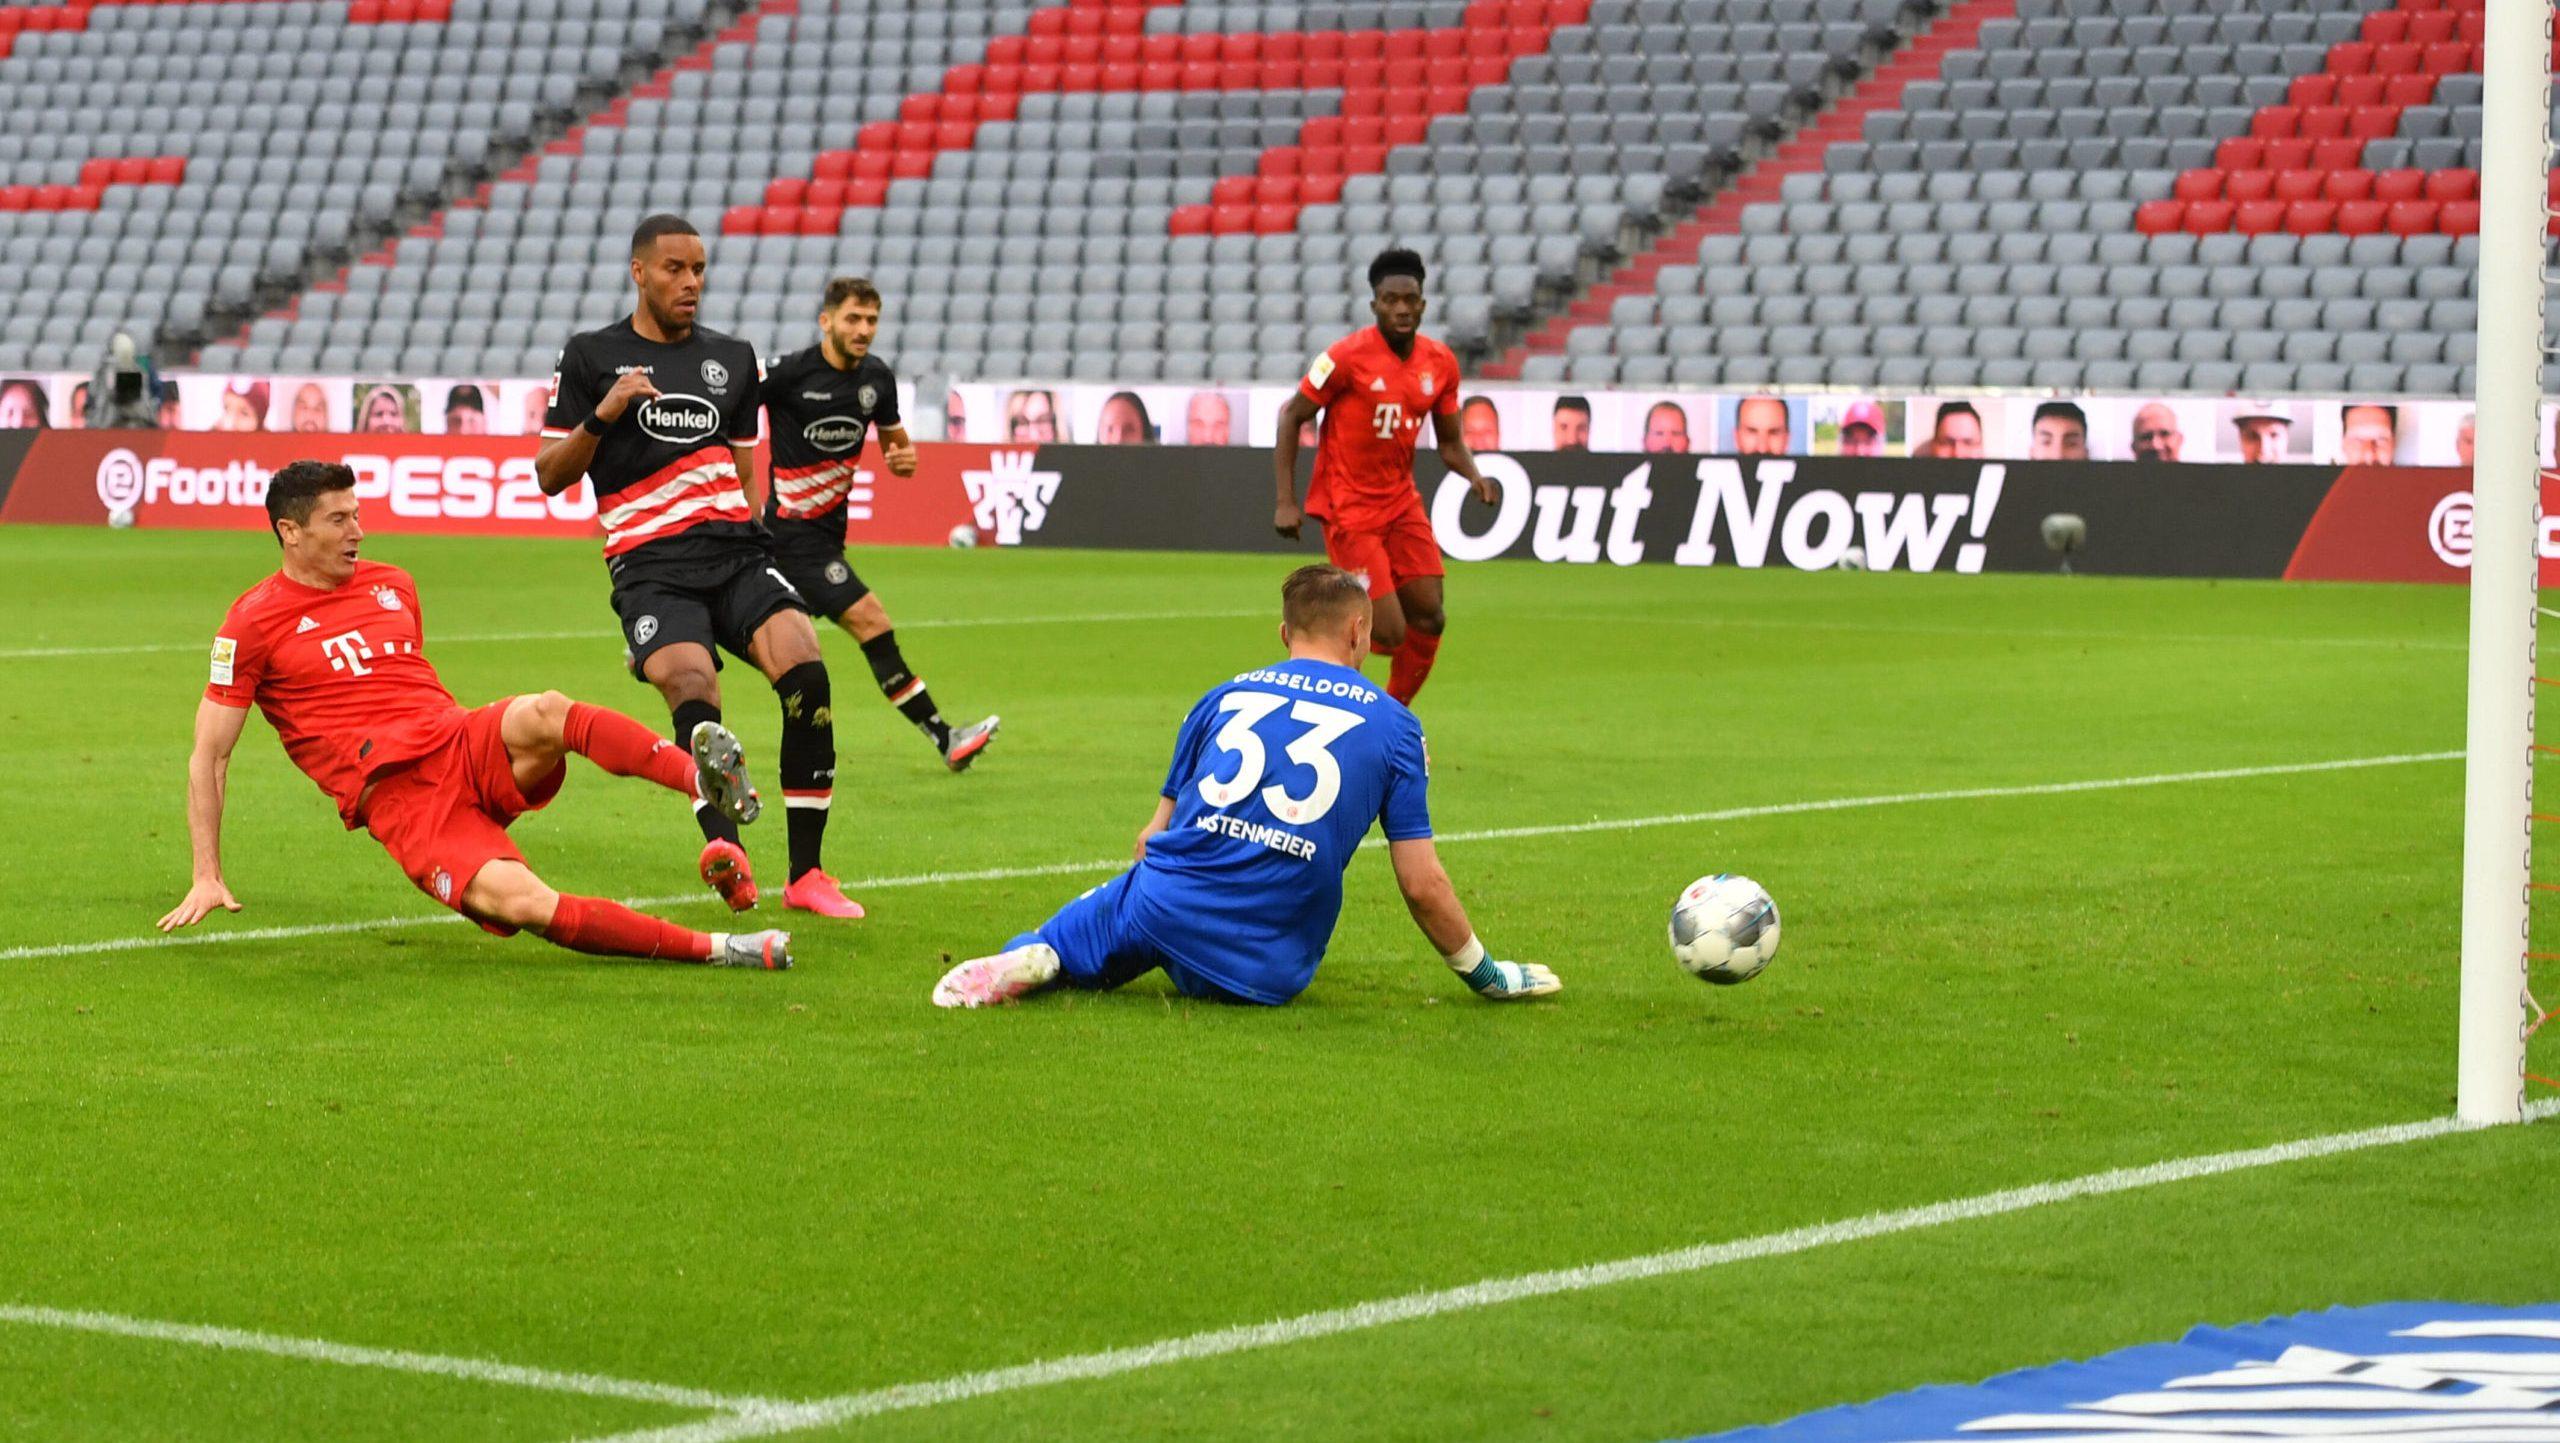 5:0 - Bayern lässt Düsseldorf keine Chance